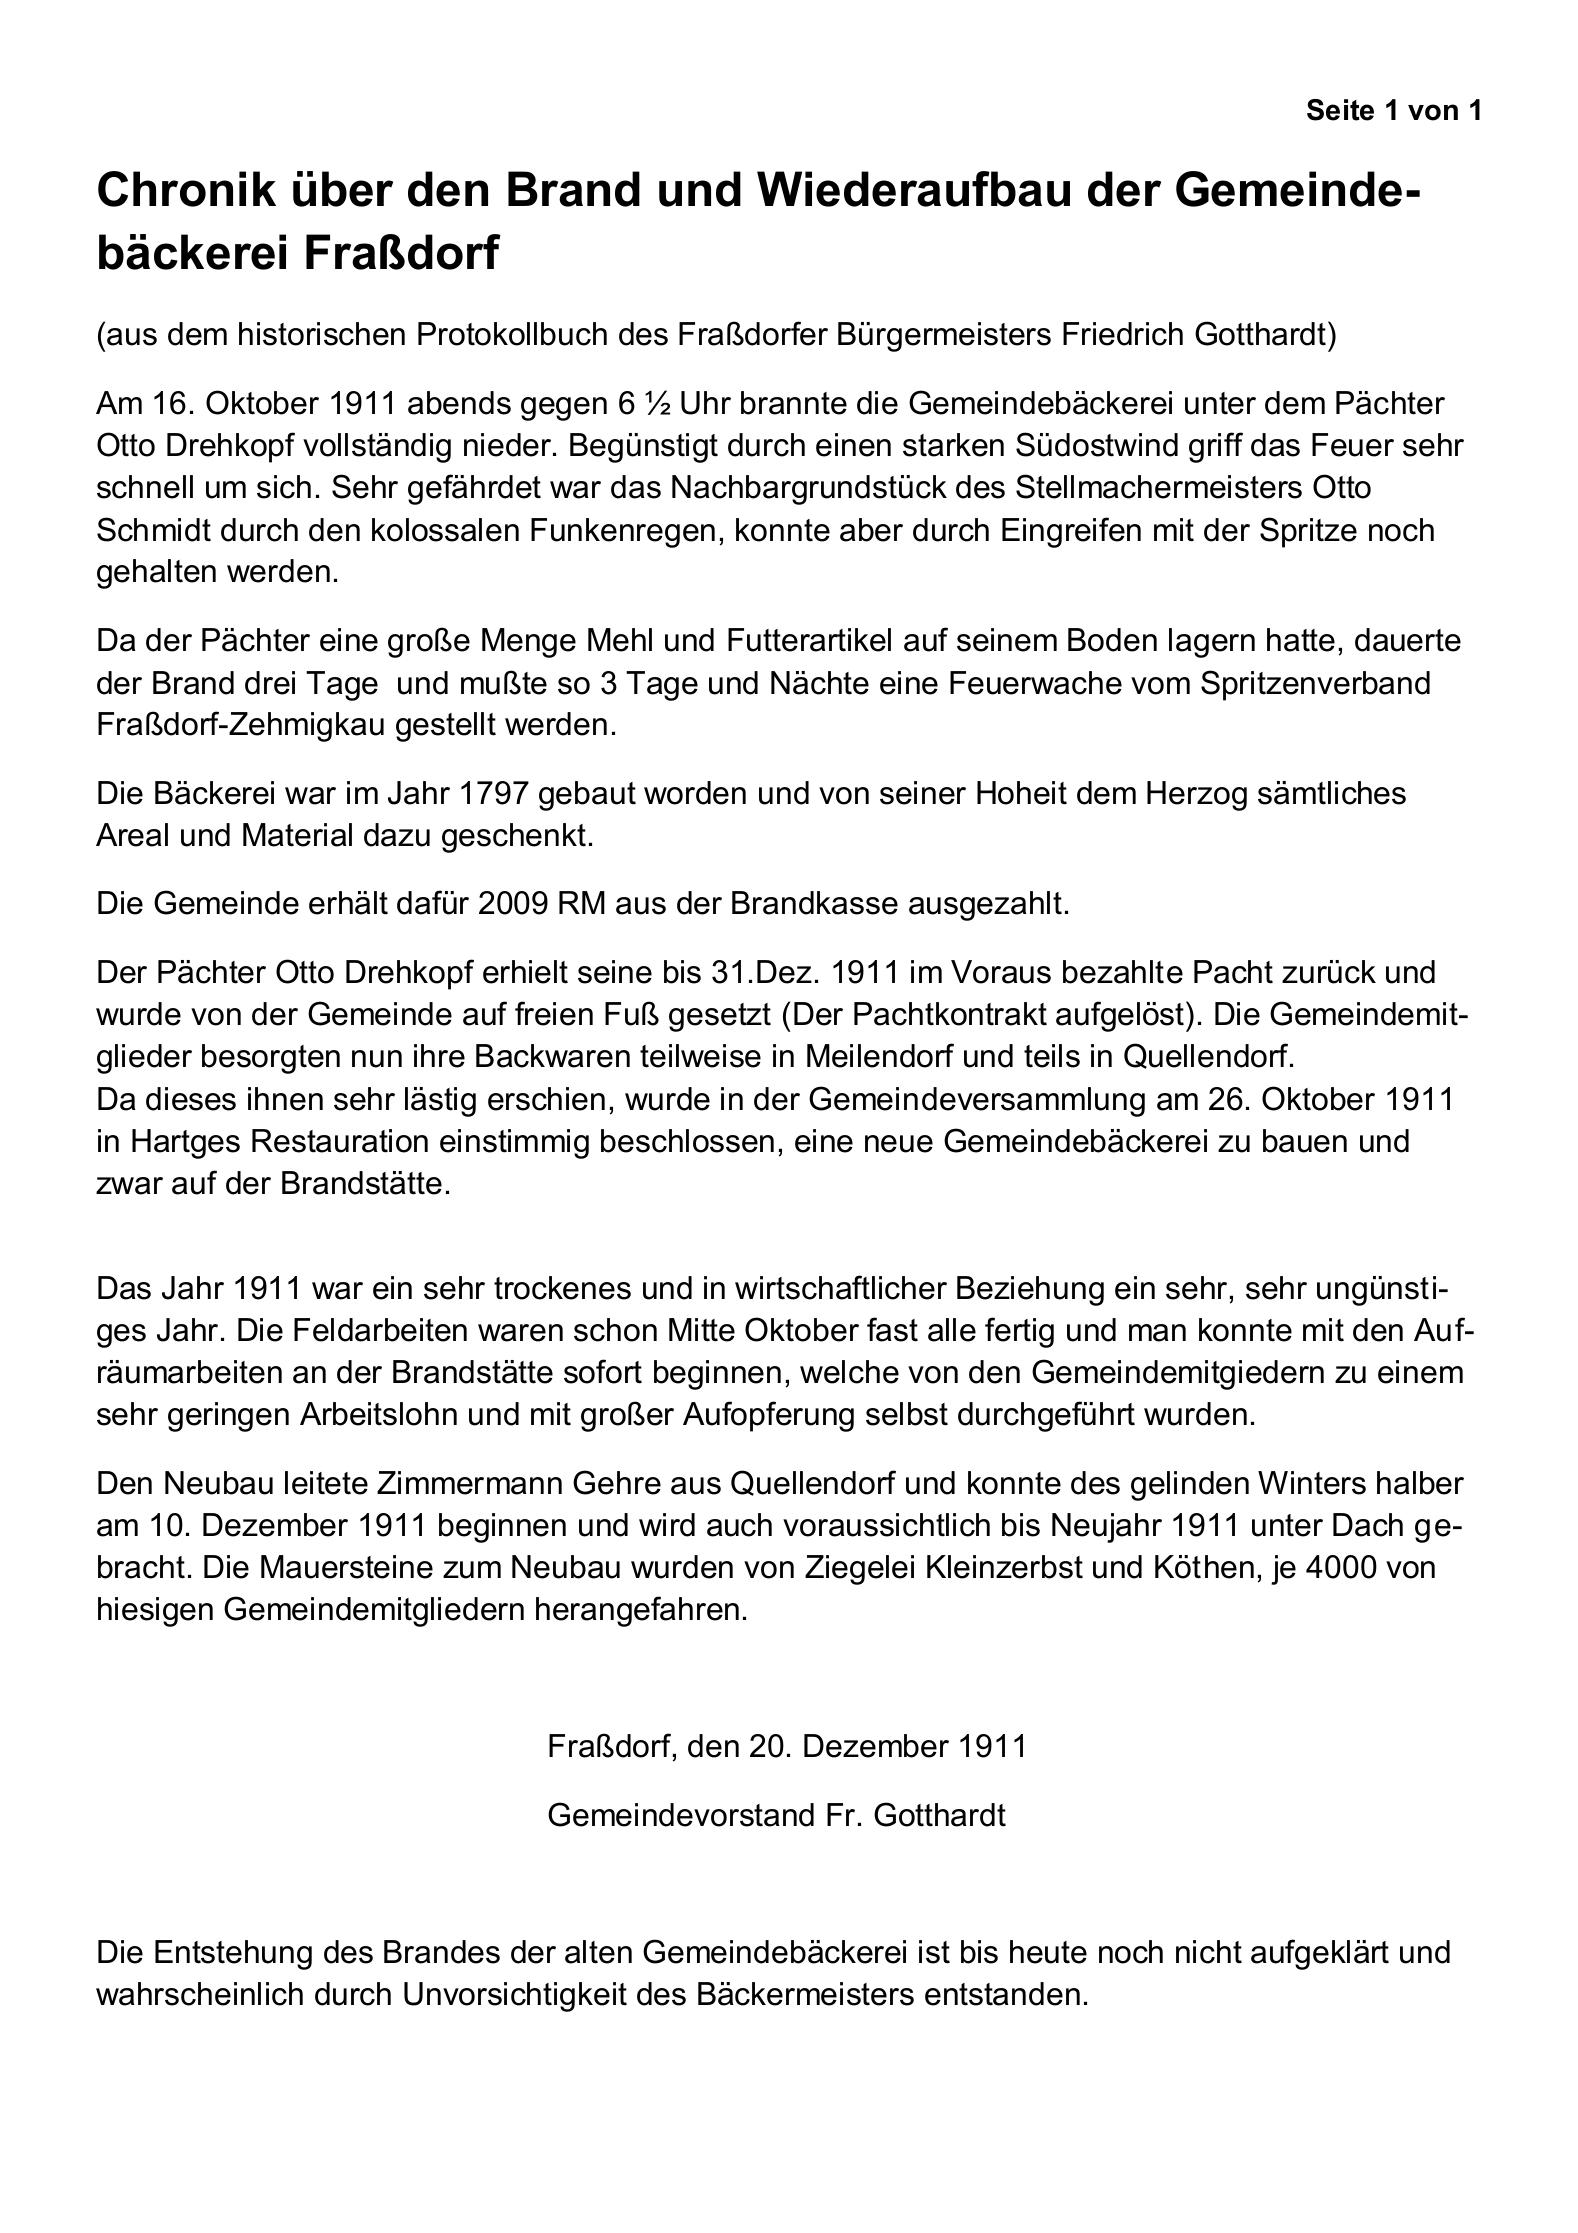 Chronik über den Brand und den Wiederaufbau der Gemeindebäckerei (aus dem historischen Protokollbuch des damaligen Bürgermeisters Friedrich Gotthardt